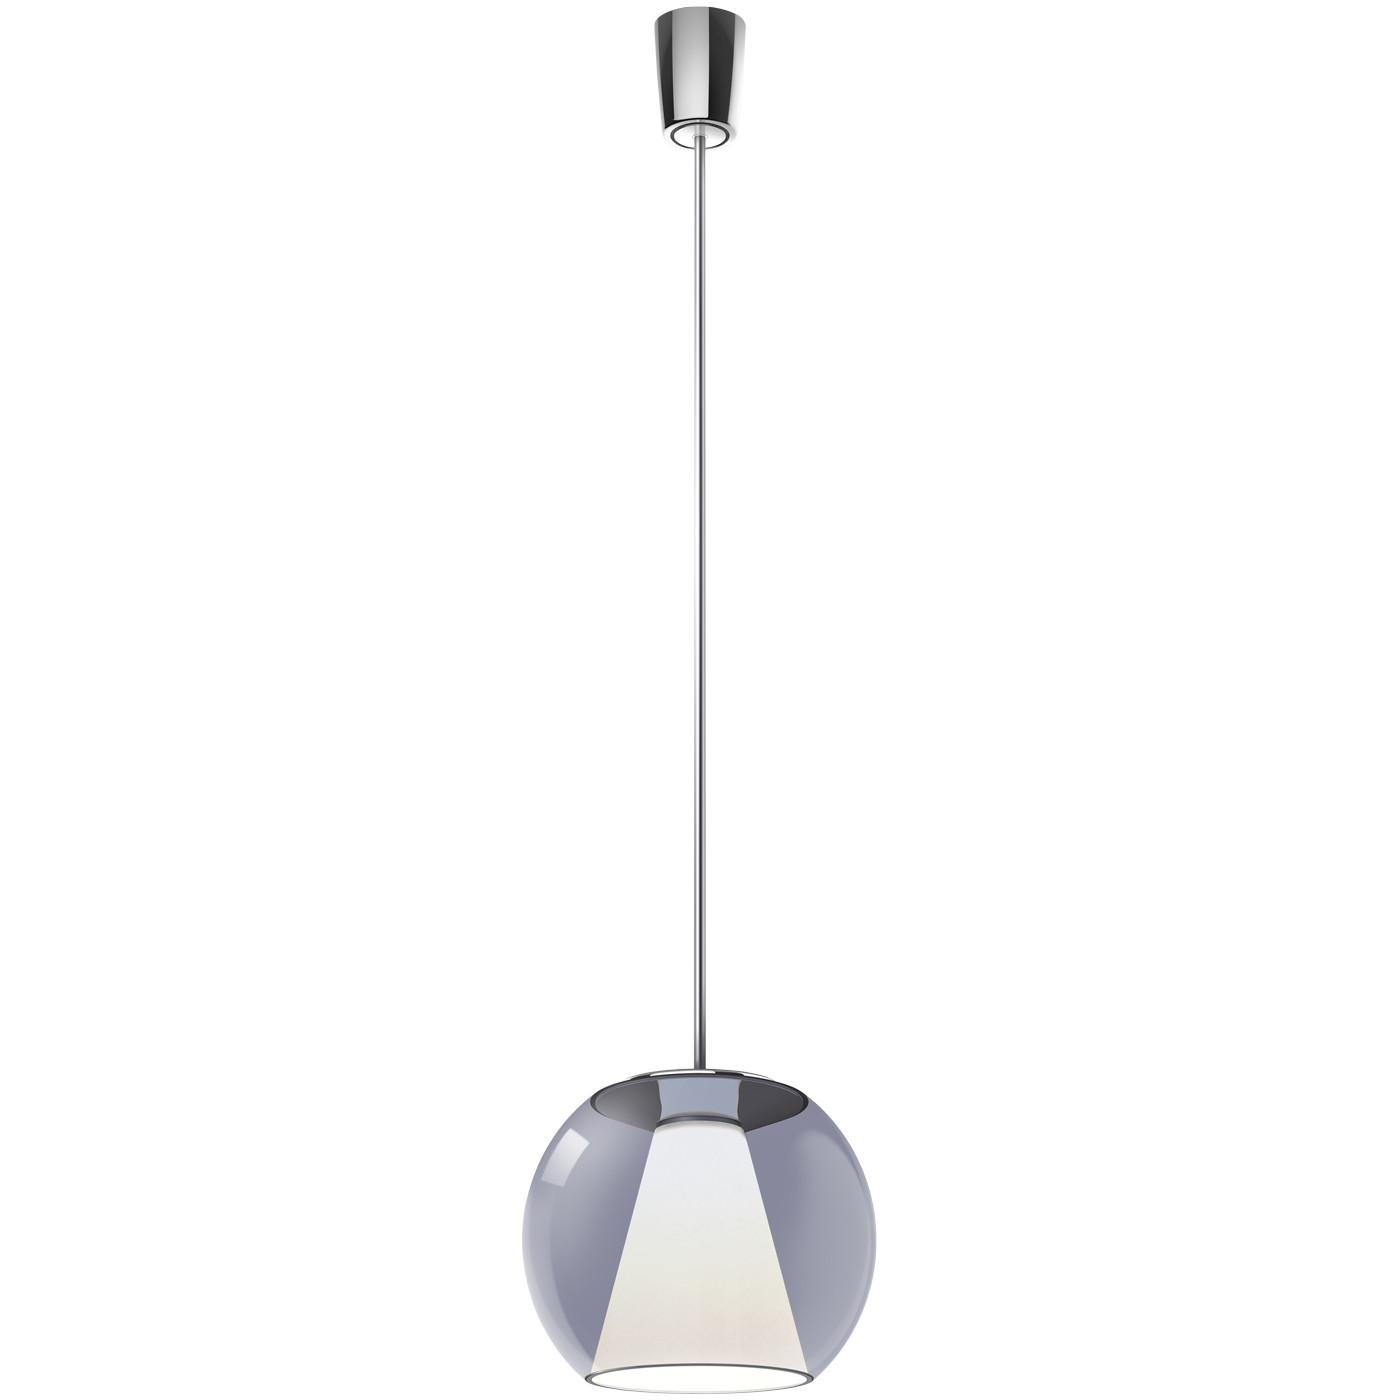 Serien Lighting Draft S Pendant Lamp